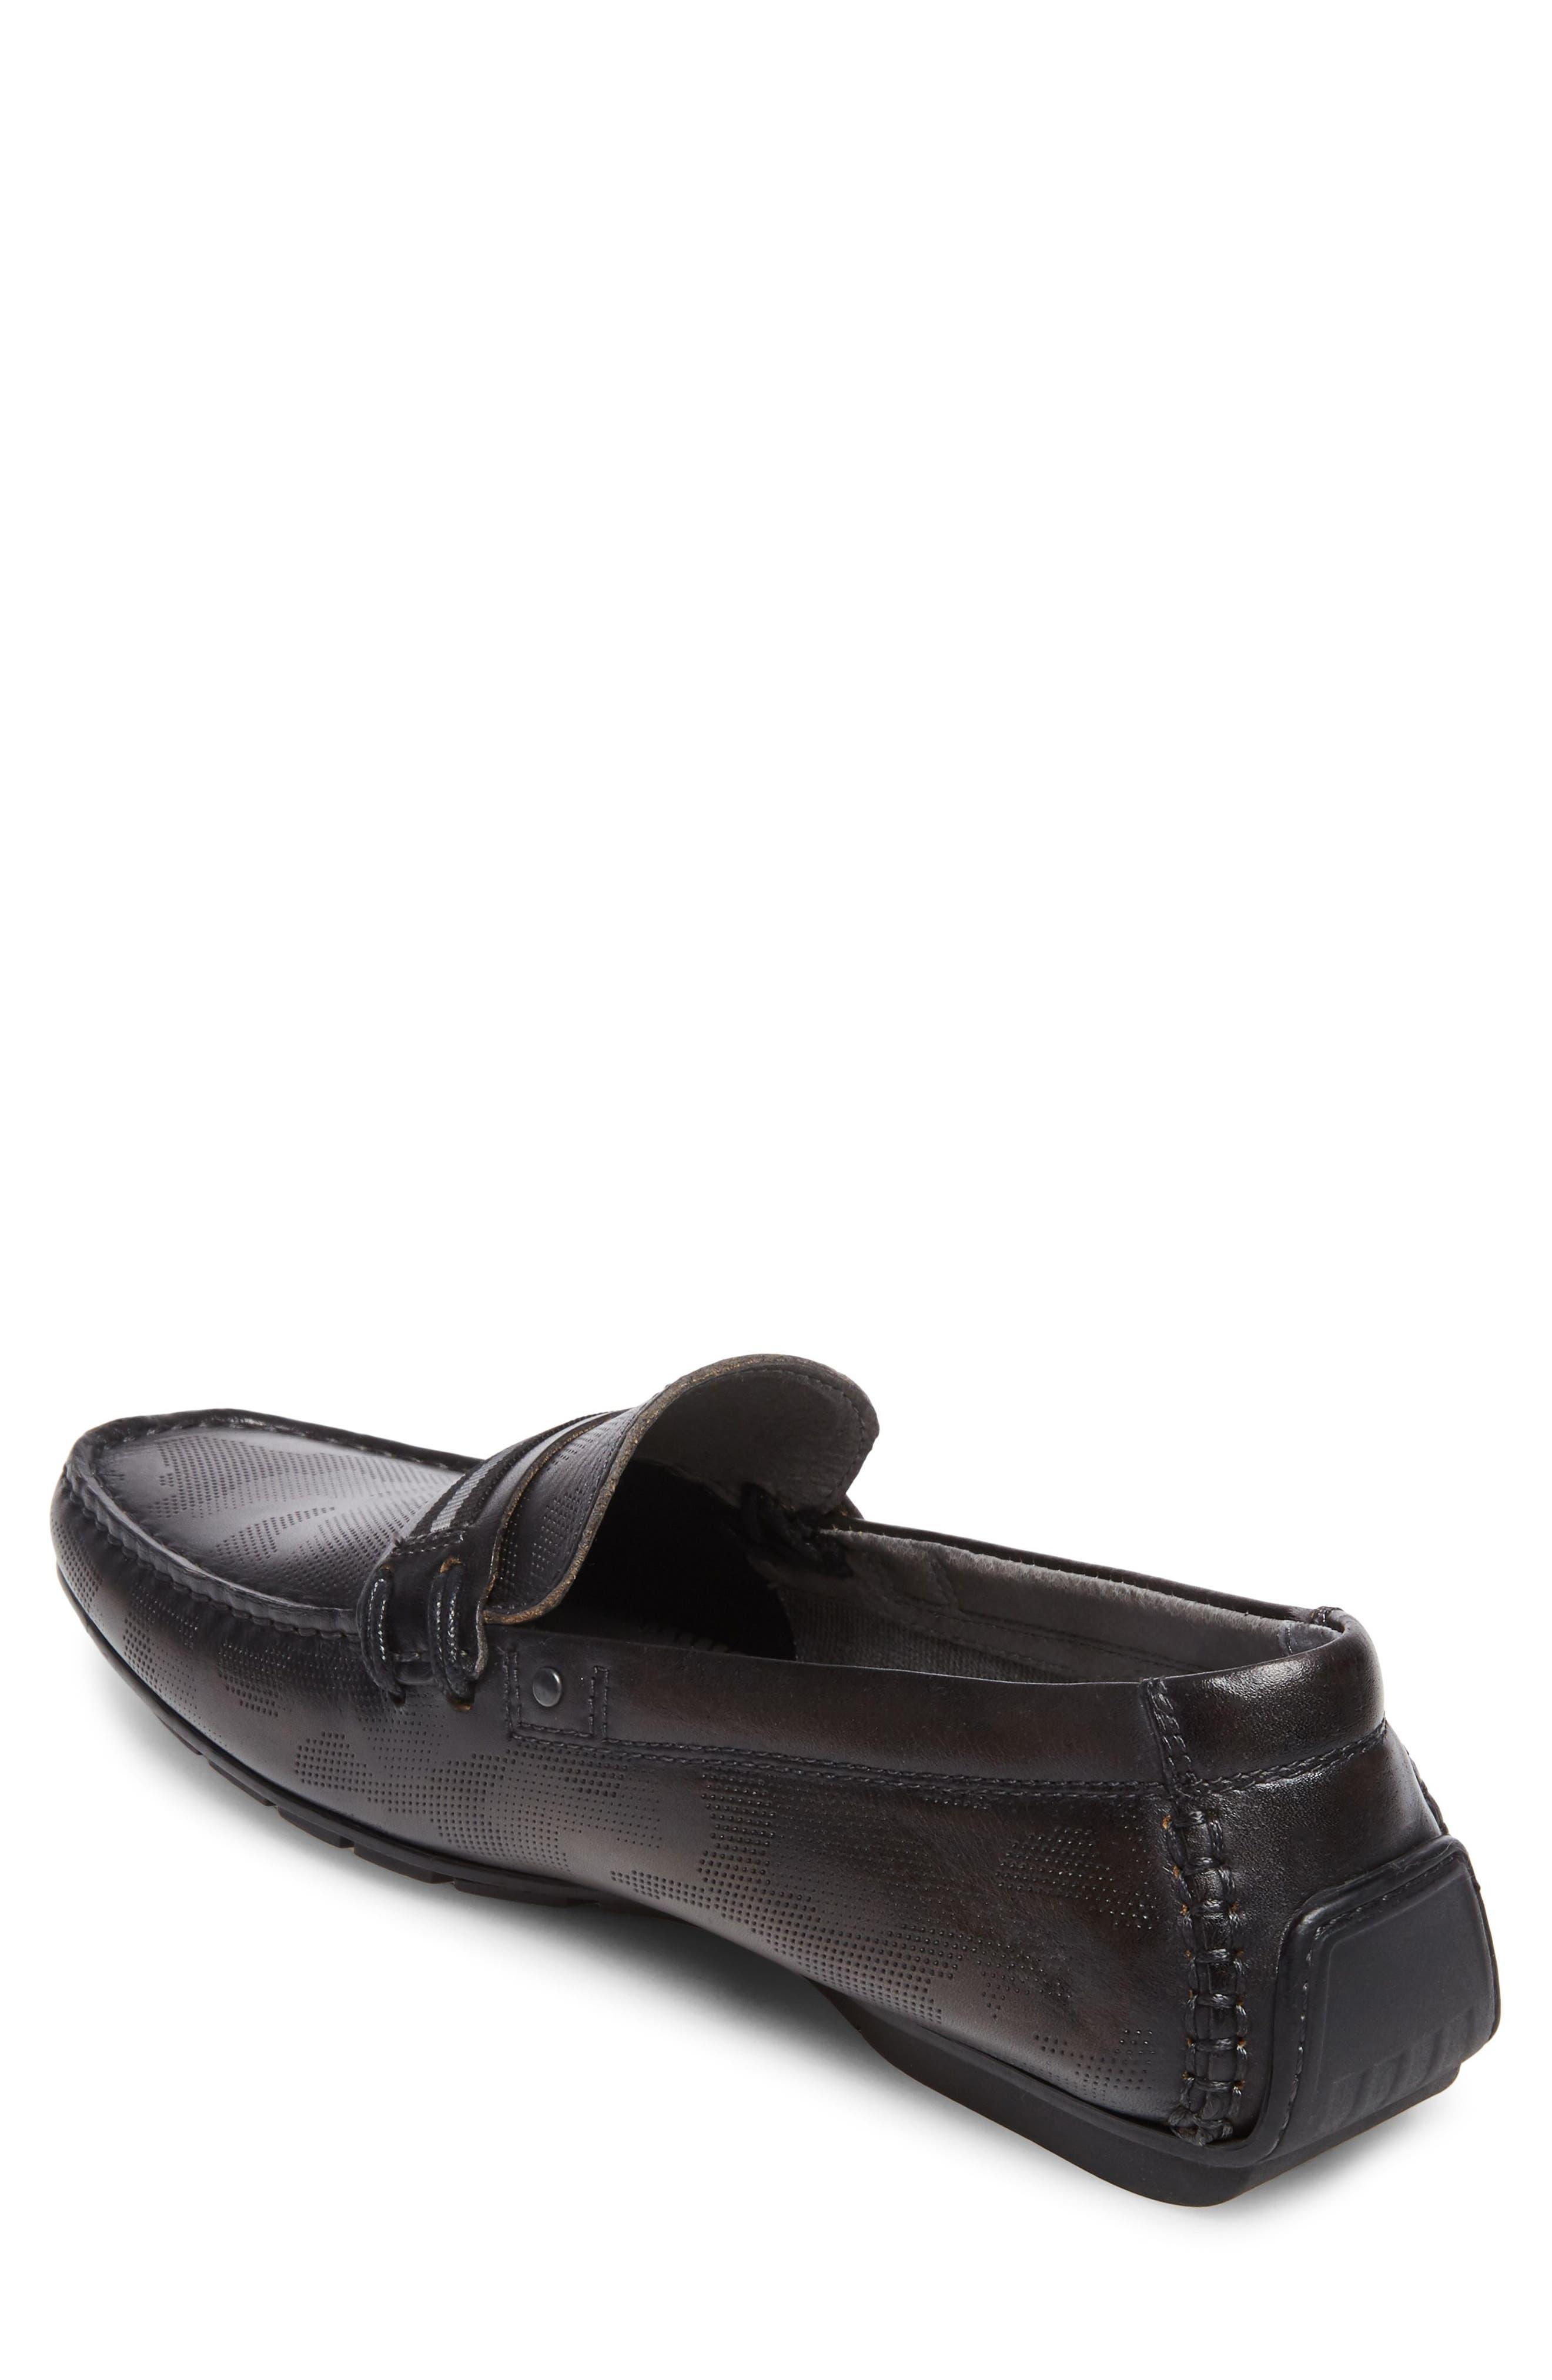 Garvet Textured Driving Loafer,                             Alternate thumbnail 2, color,                             001